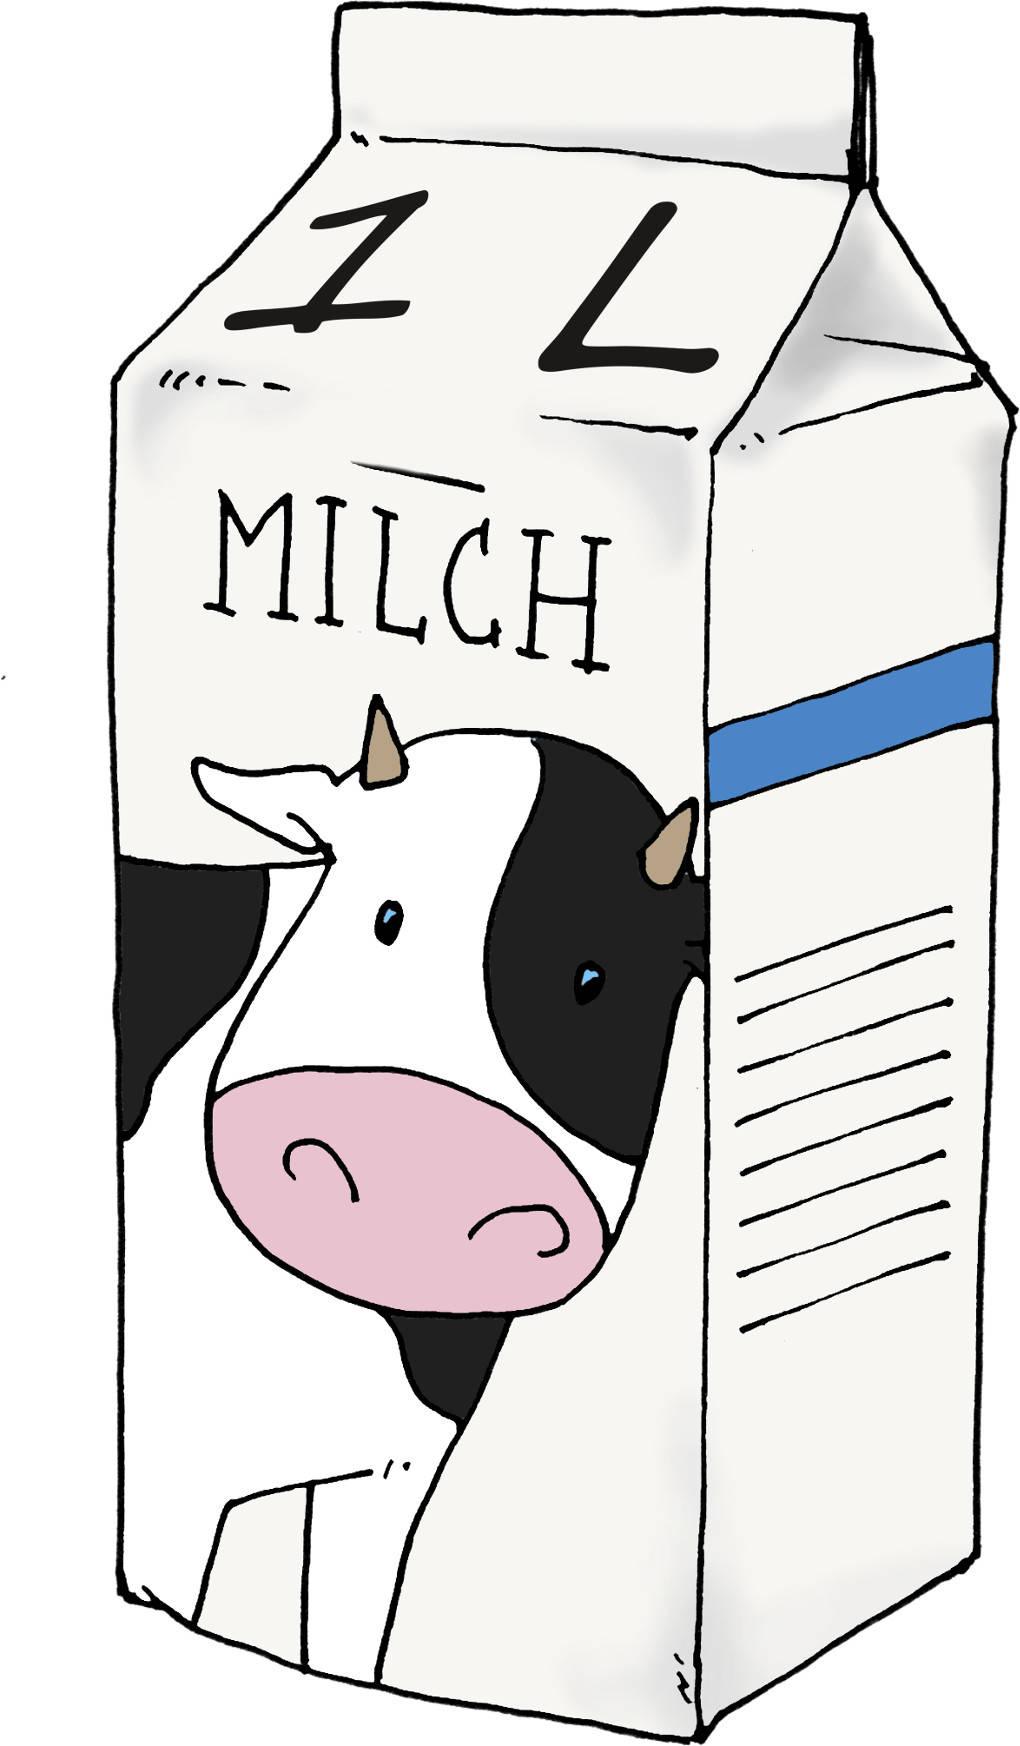 Milch.jpg